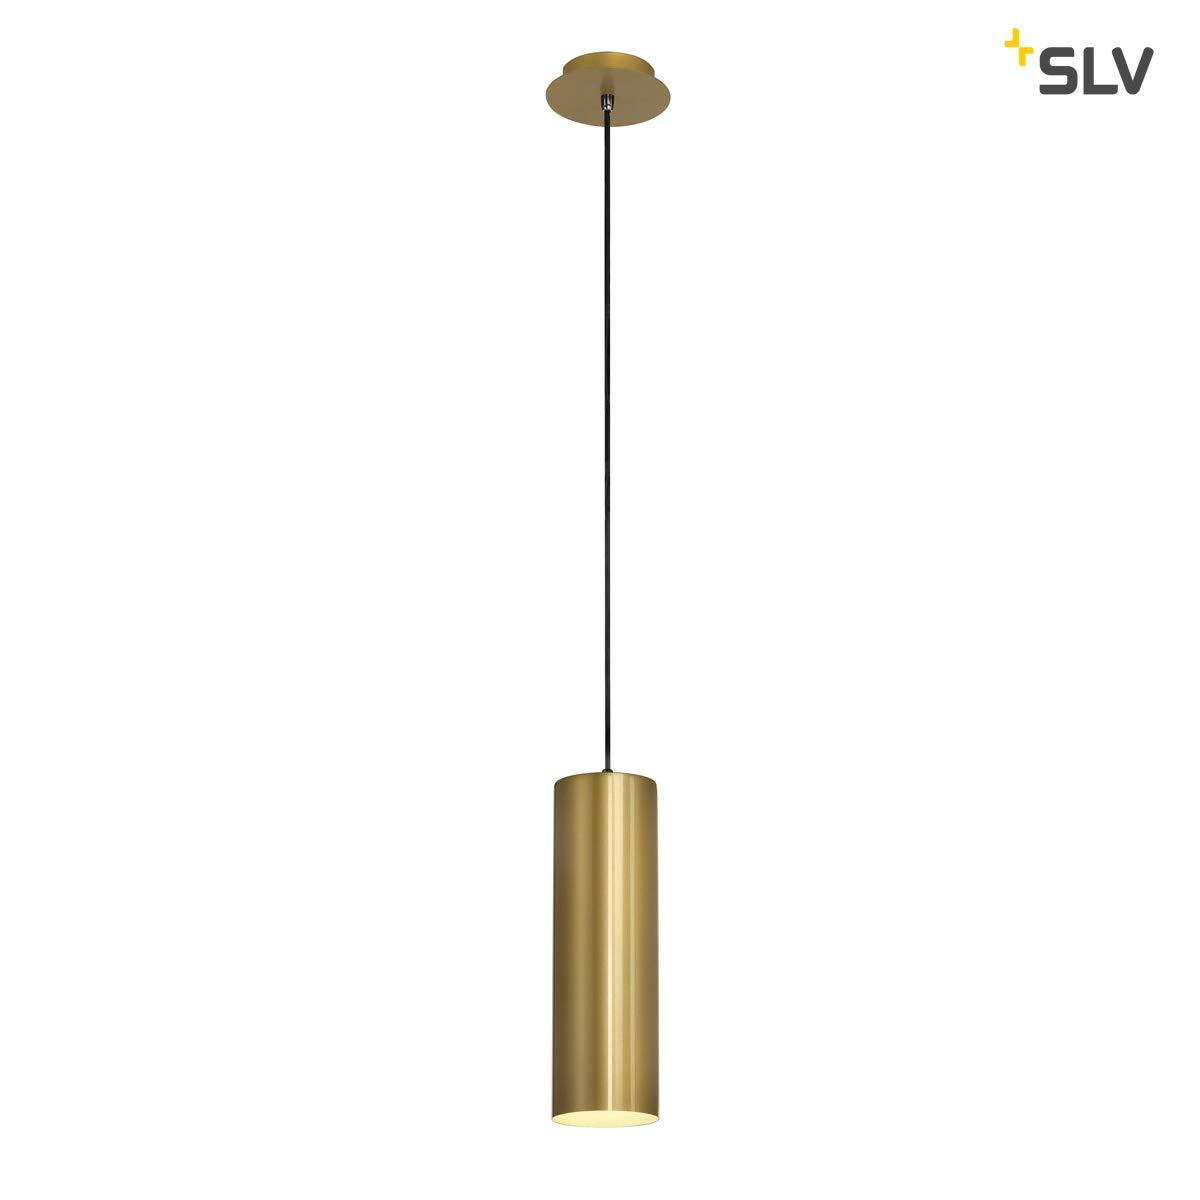 SLV Pendelleuchte ENOLA   Dimmbare LED Deckenleuchte, Hängelampe für Wohnzimmer, Bar, Esszimmer  Decken-Lampe in exklusivem Zylinder Design (Material Aluminium Stahl, E27 Leuchtmittel, EEK E-A++, Gold)